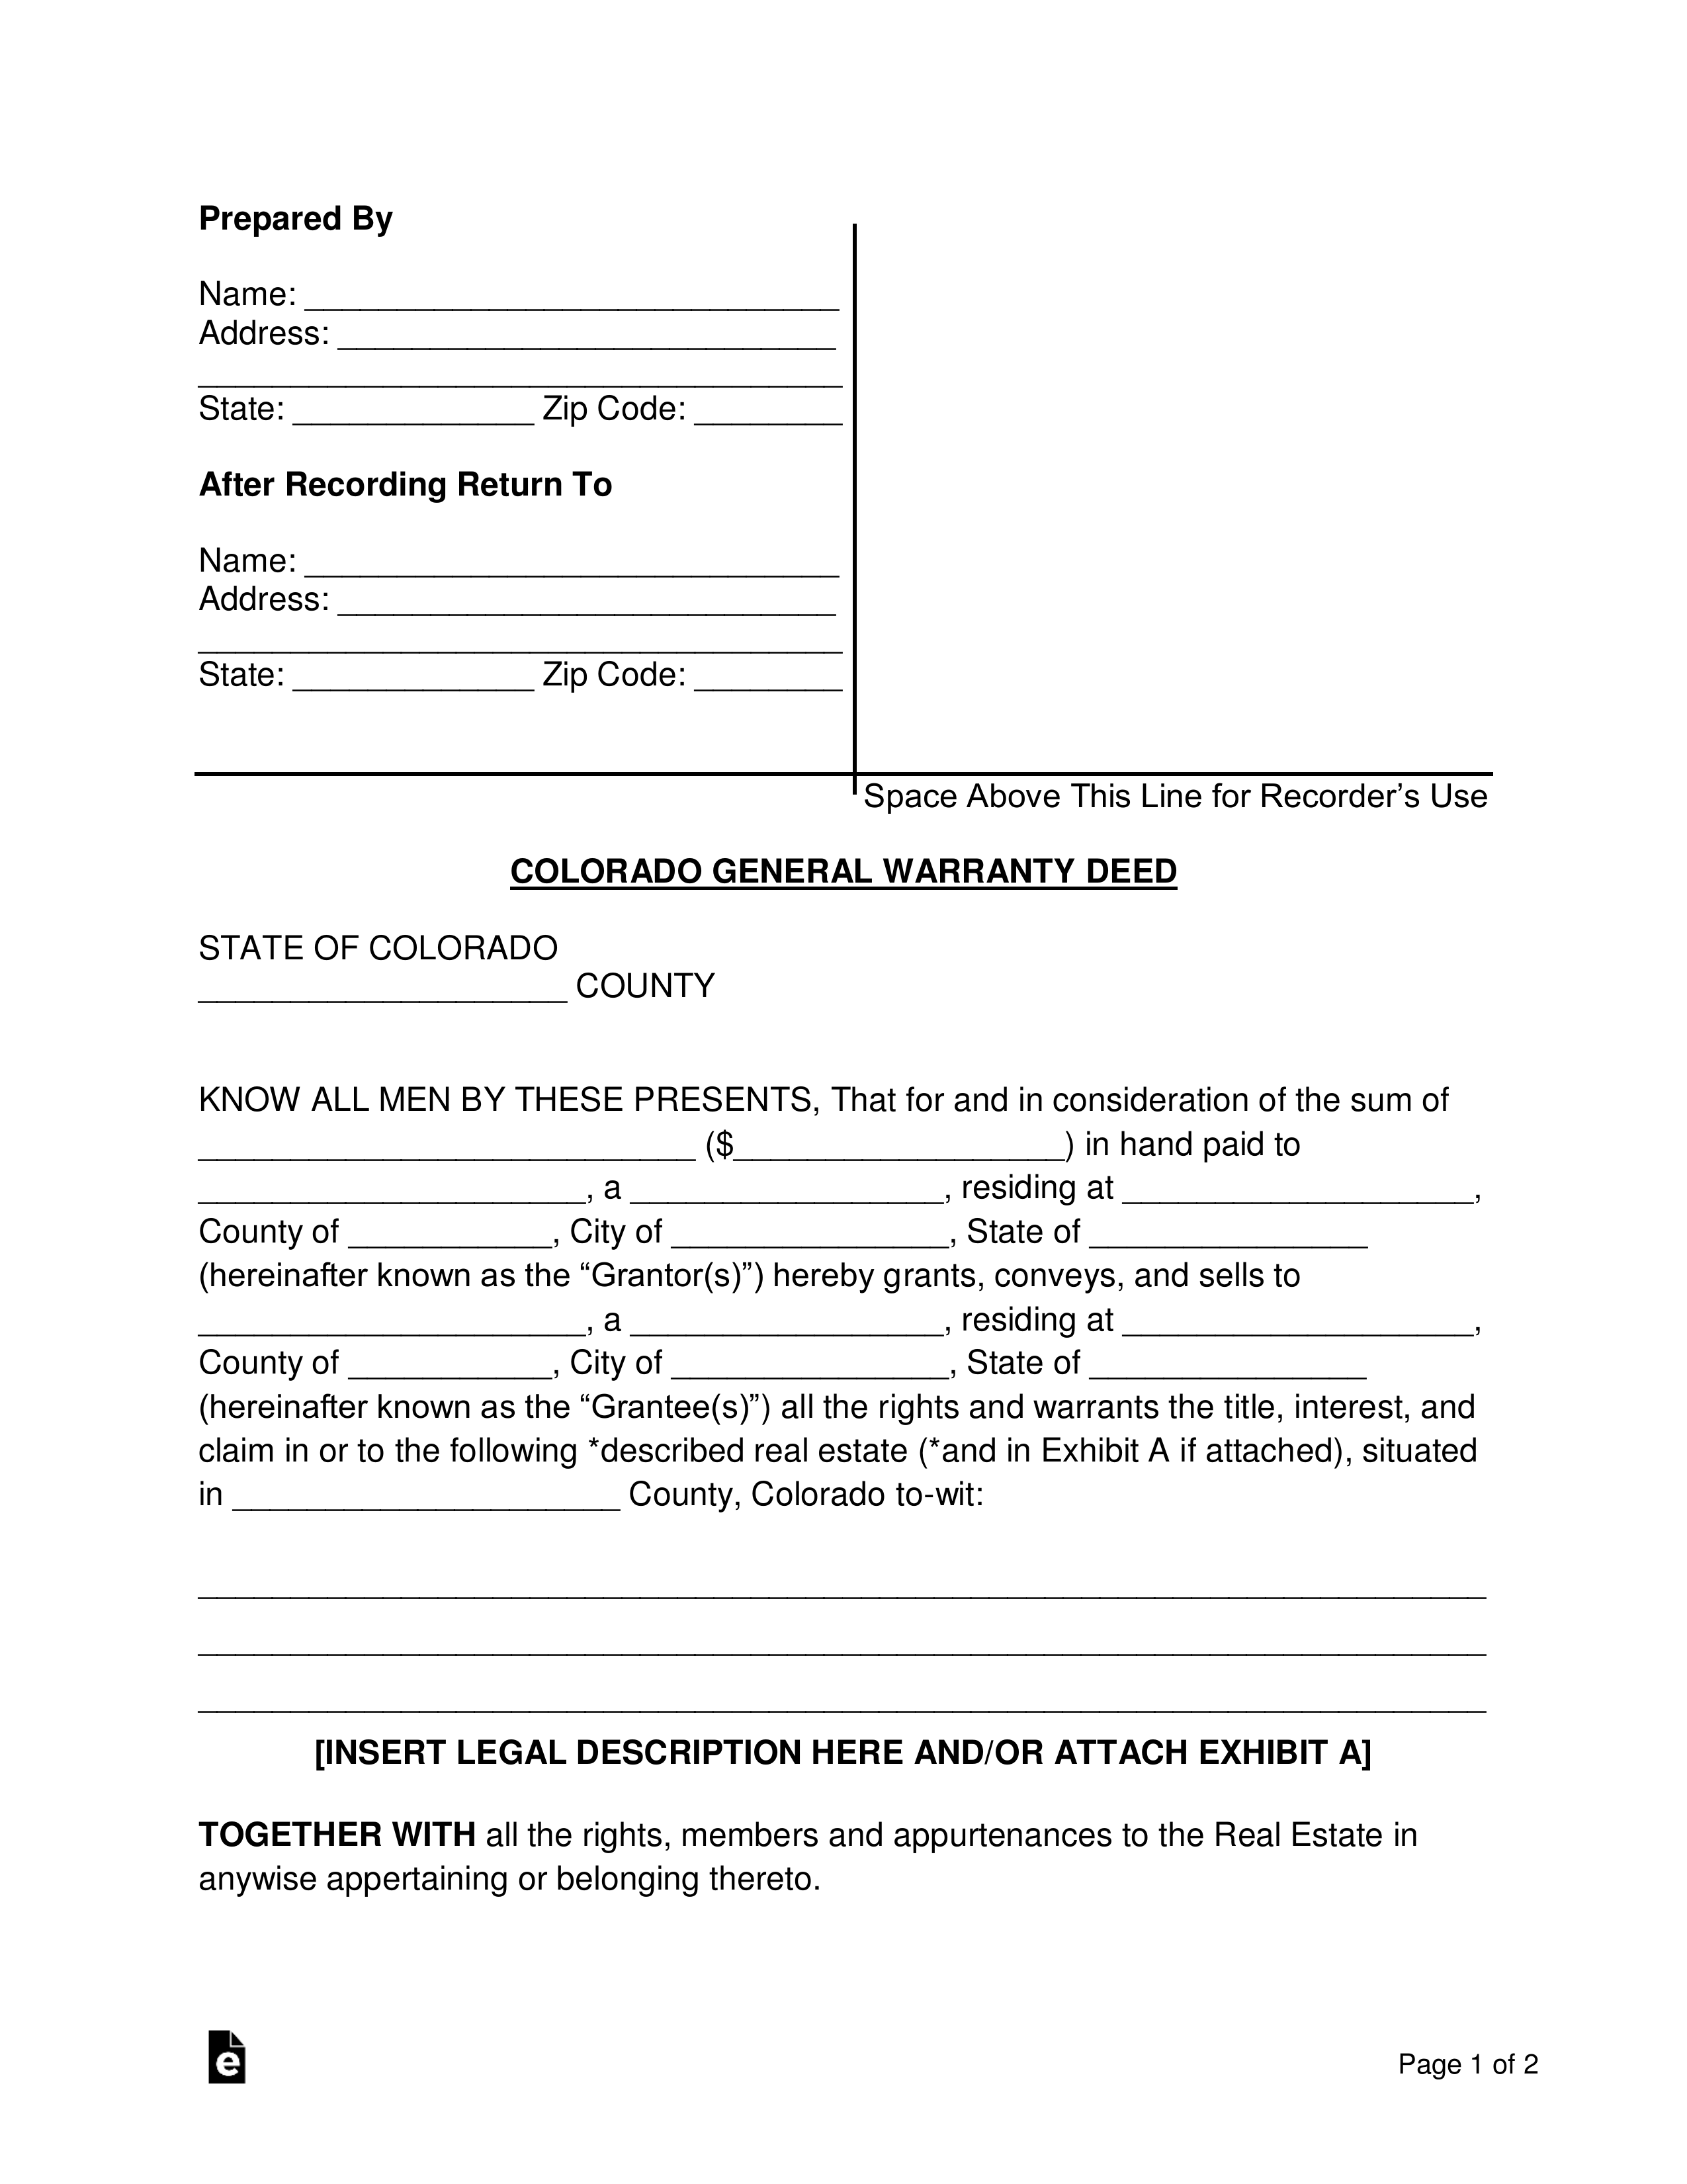 Free Colorado General Warranty Deed Form - Word | PDF